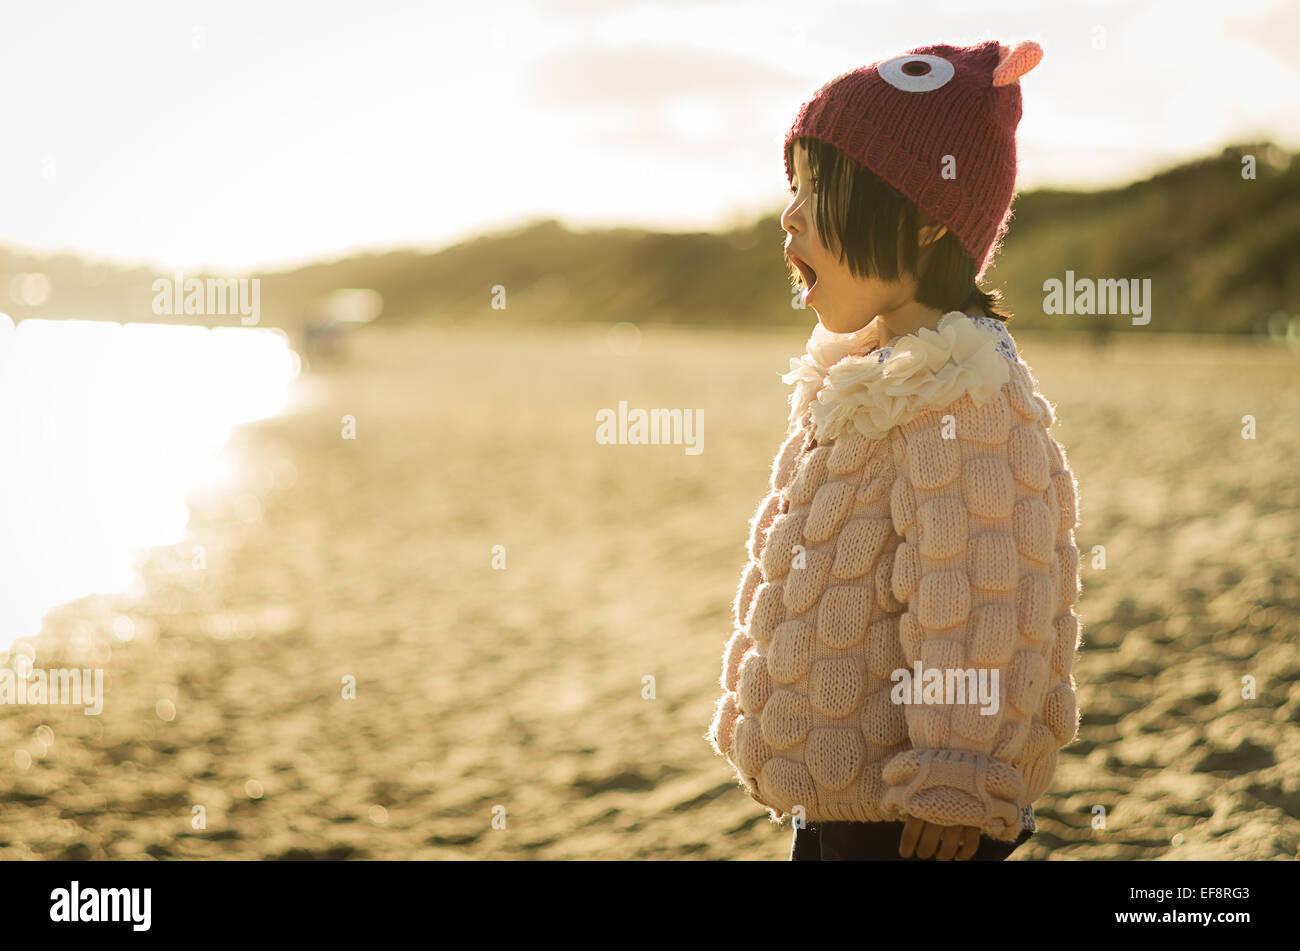 Australia, Melbourne, giovane ragazza cantare sulla spiaggia sabbiosa Immagini Stock